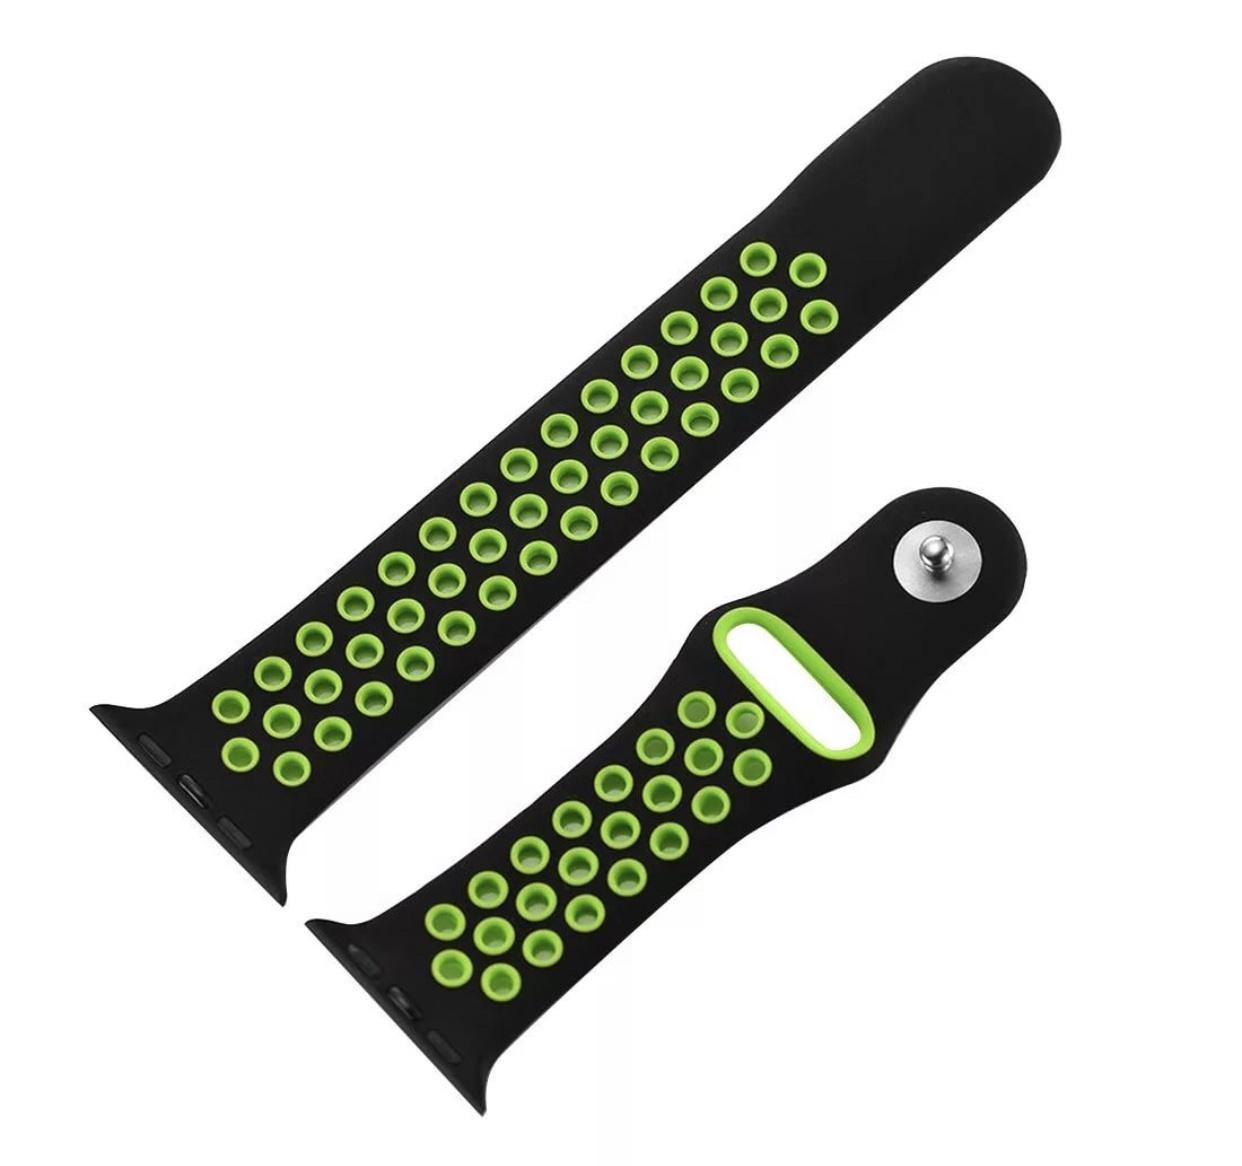 Силиконовый ремешок Markclub для Apple Watch 42mm черный зеленый аксессуар ремешок gurdini sport silicone для apple watch 42mm dark teal 906173